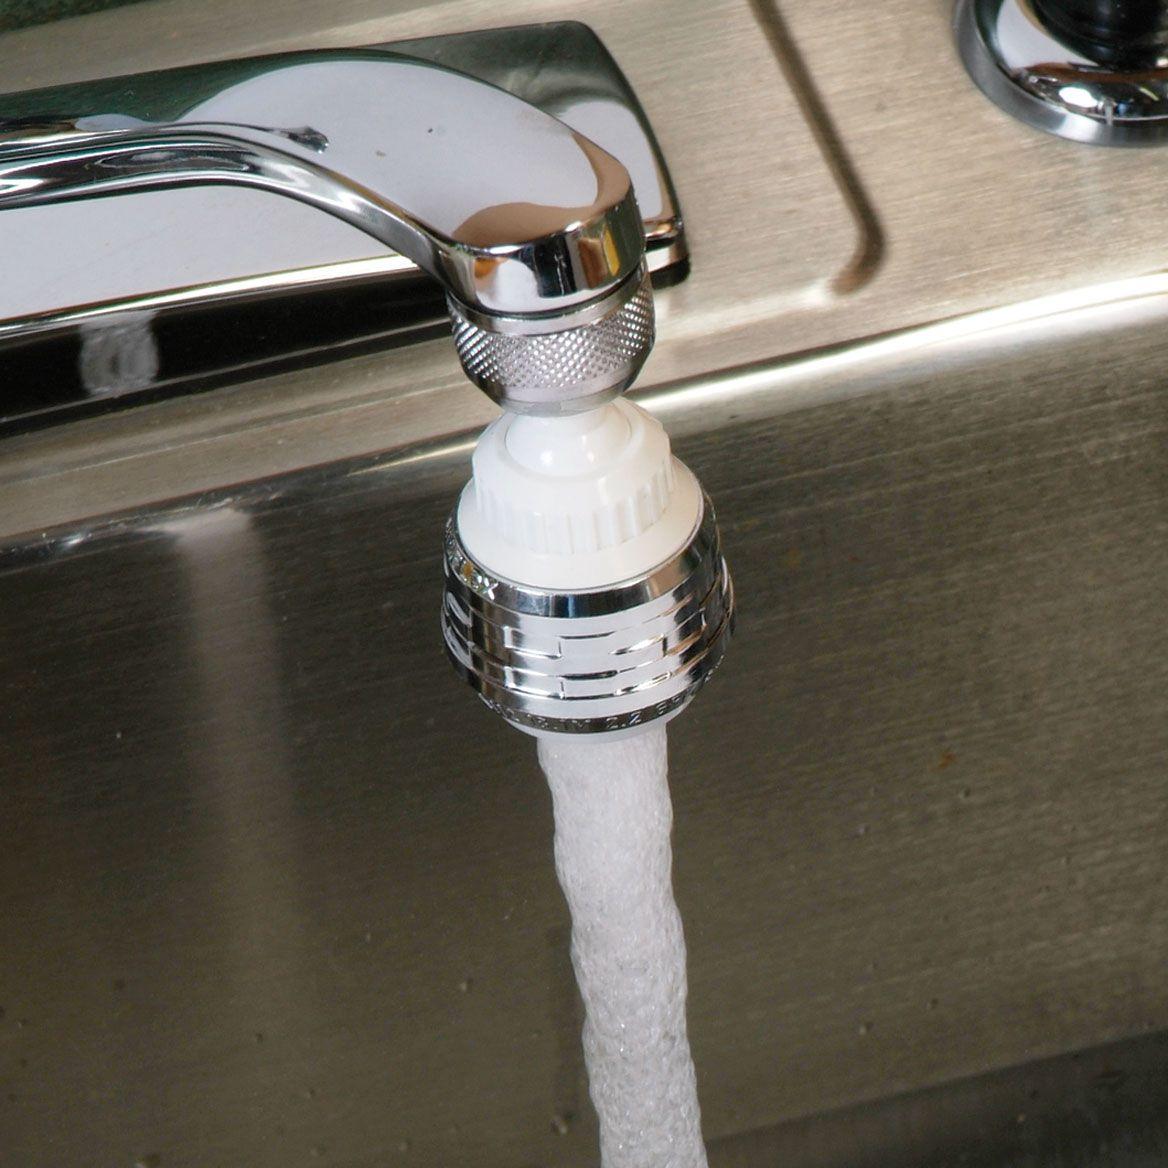 Faucet sprayer aerator307154 construir